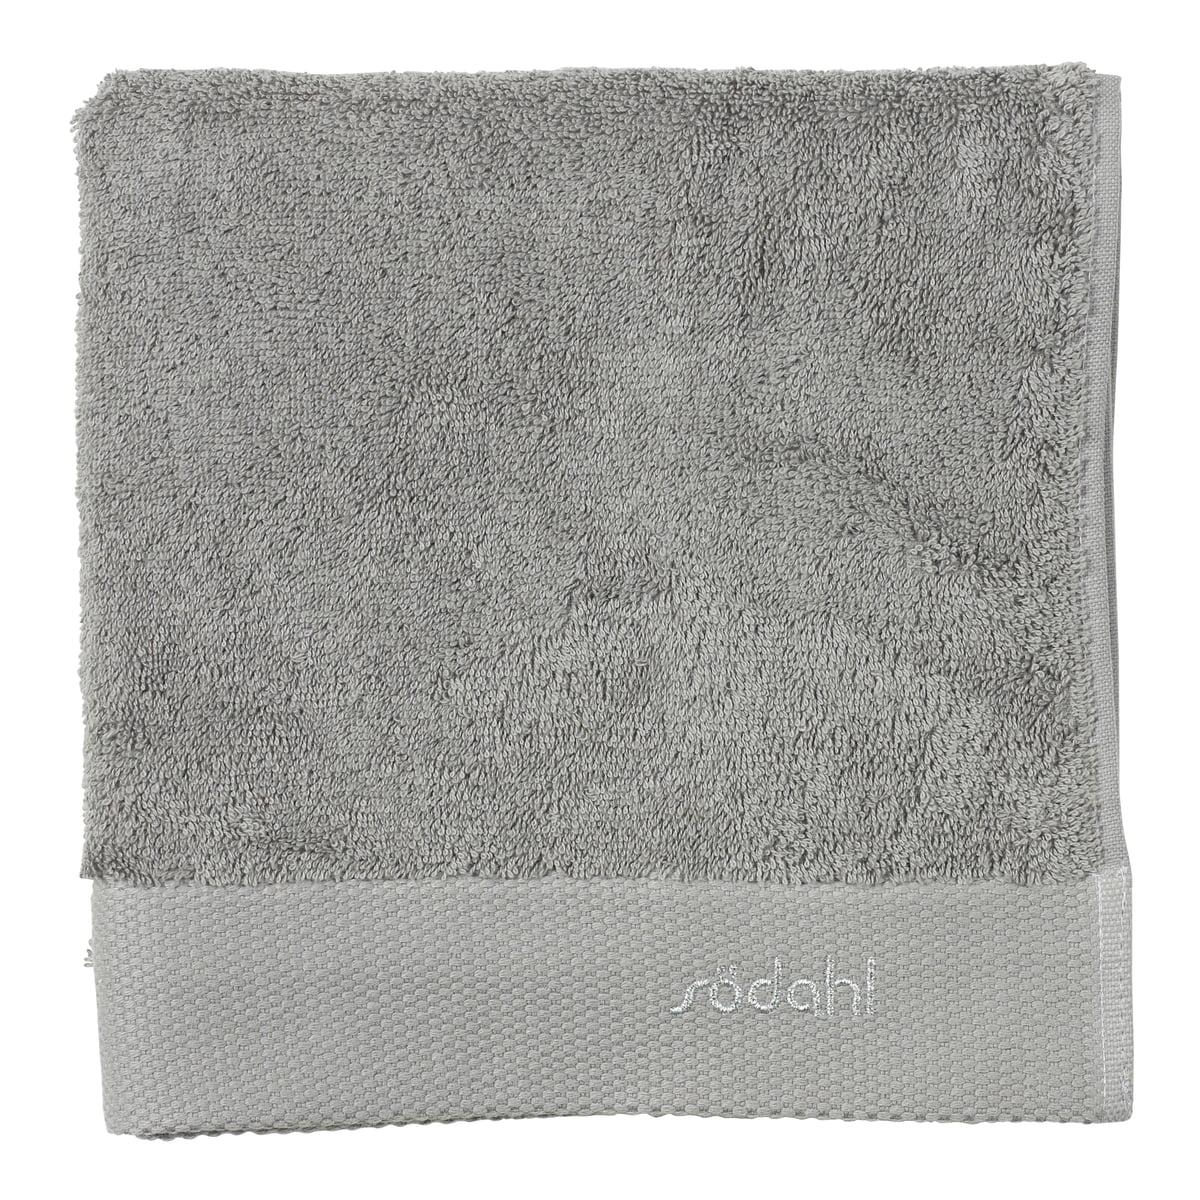 Södahl - Comfort Badetuch 70 x 140 cm, grau | Bad > Handtücher > Badetücher | Grau | Södahl